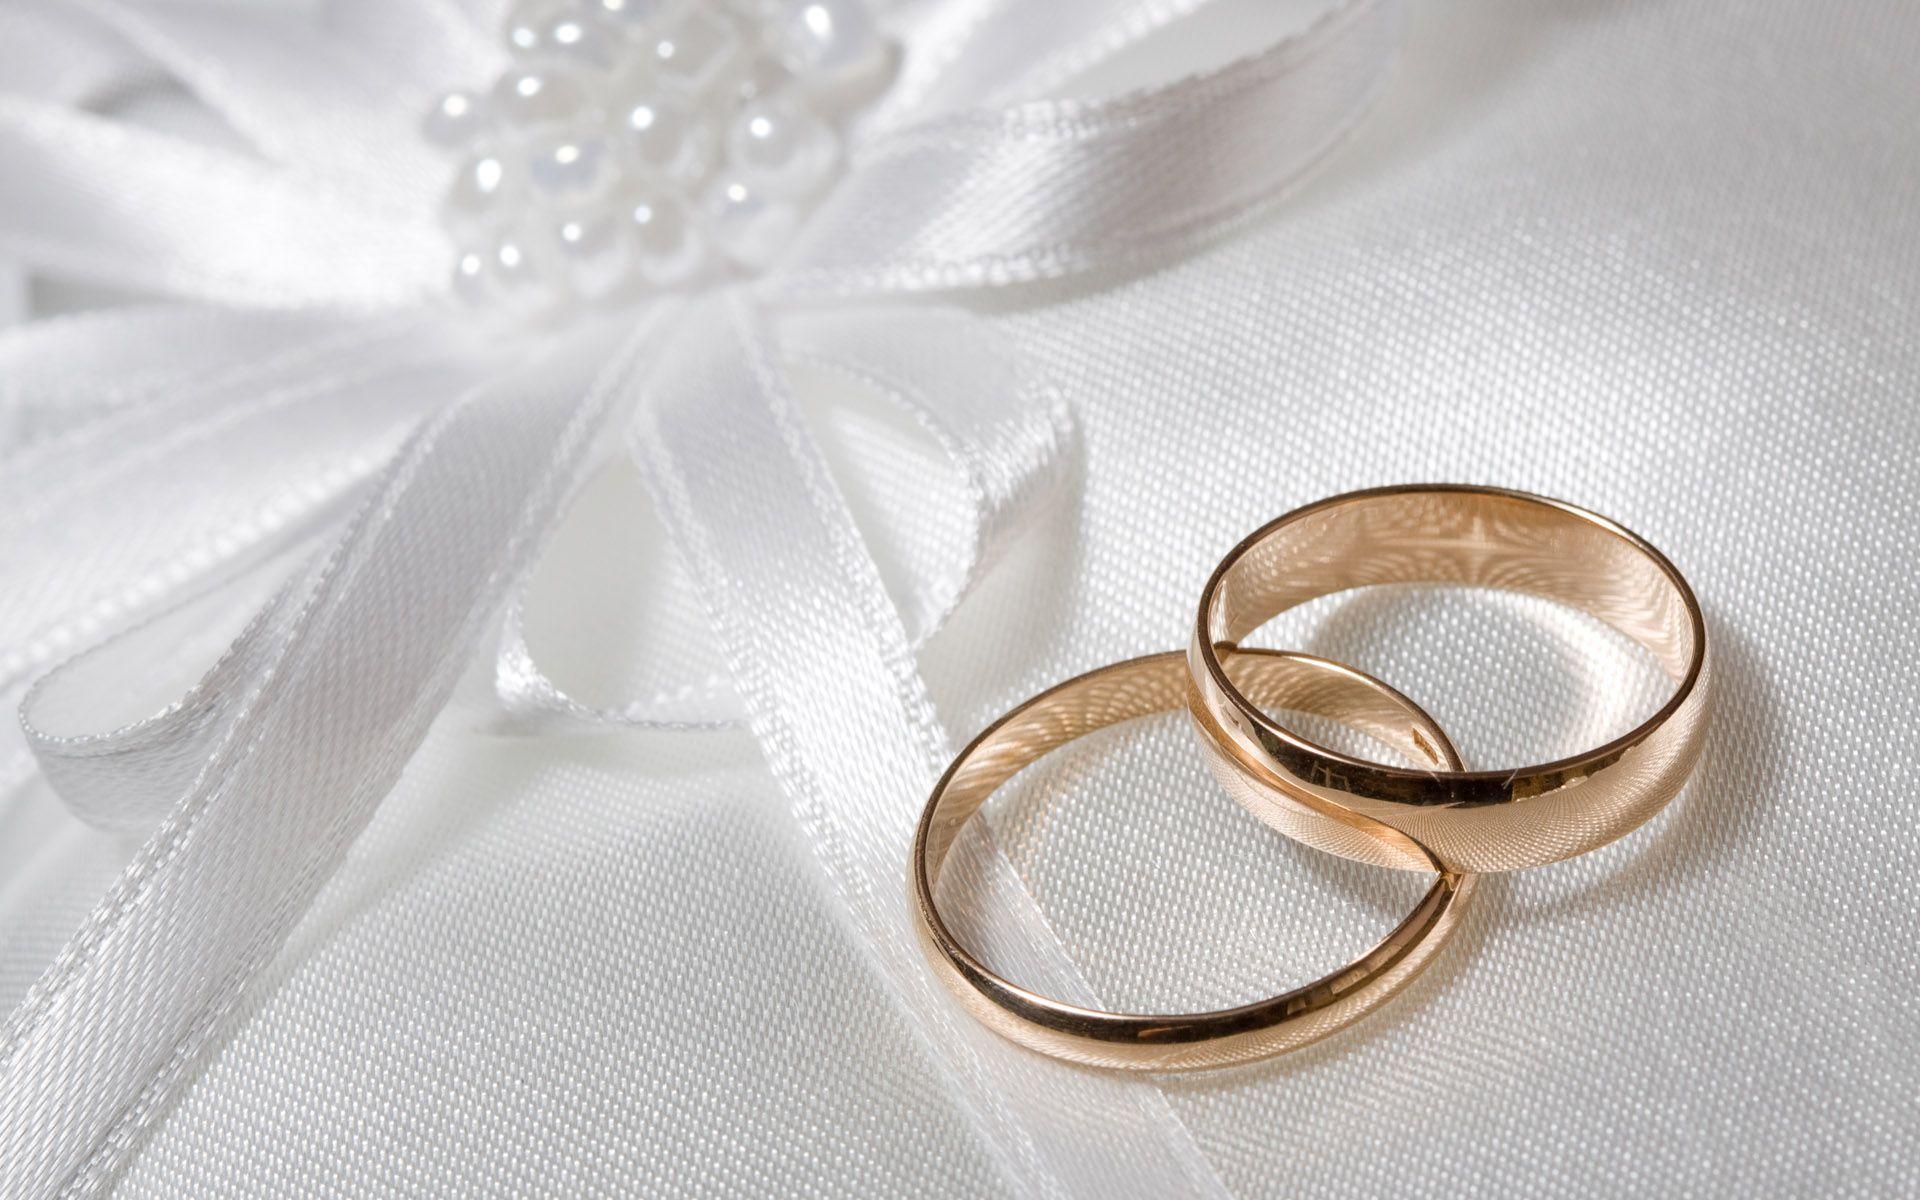 HD Wedding Backgrounds 1920x1200